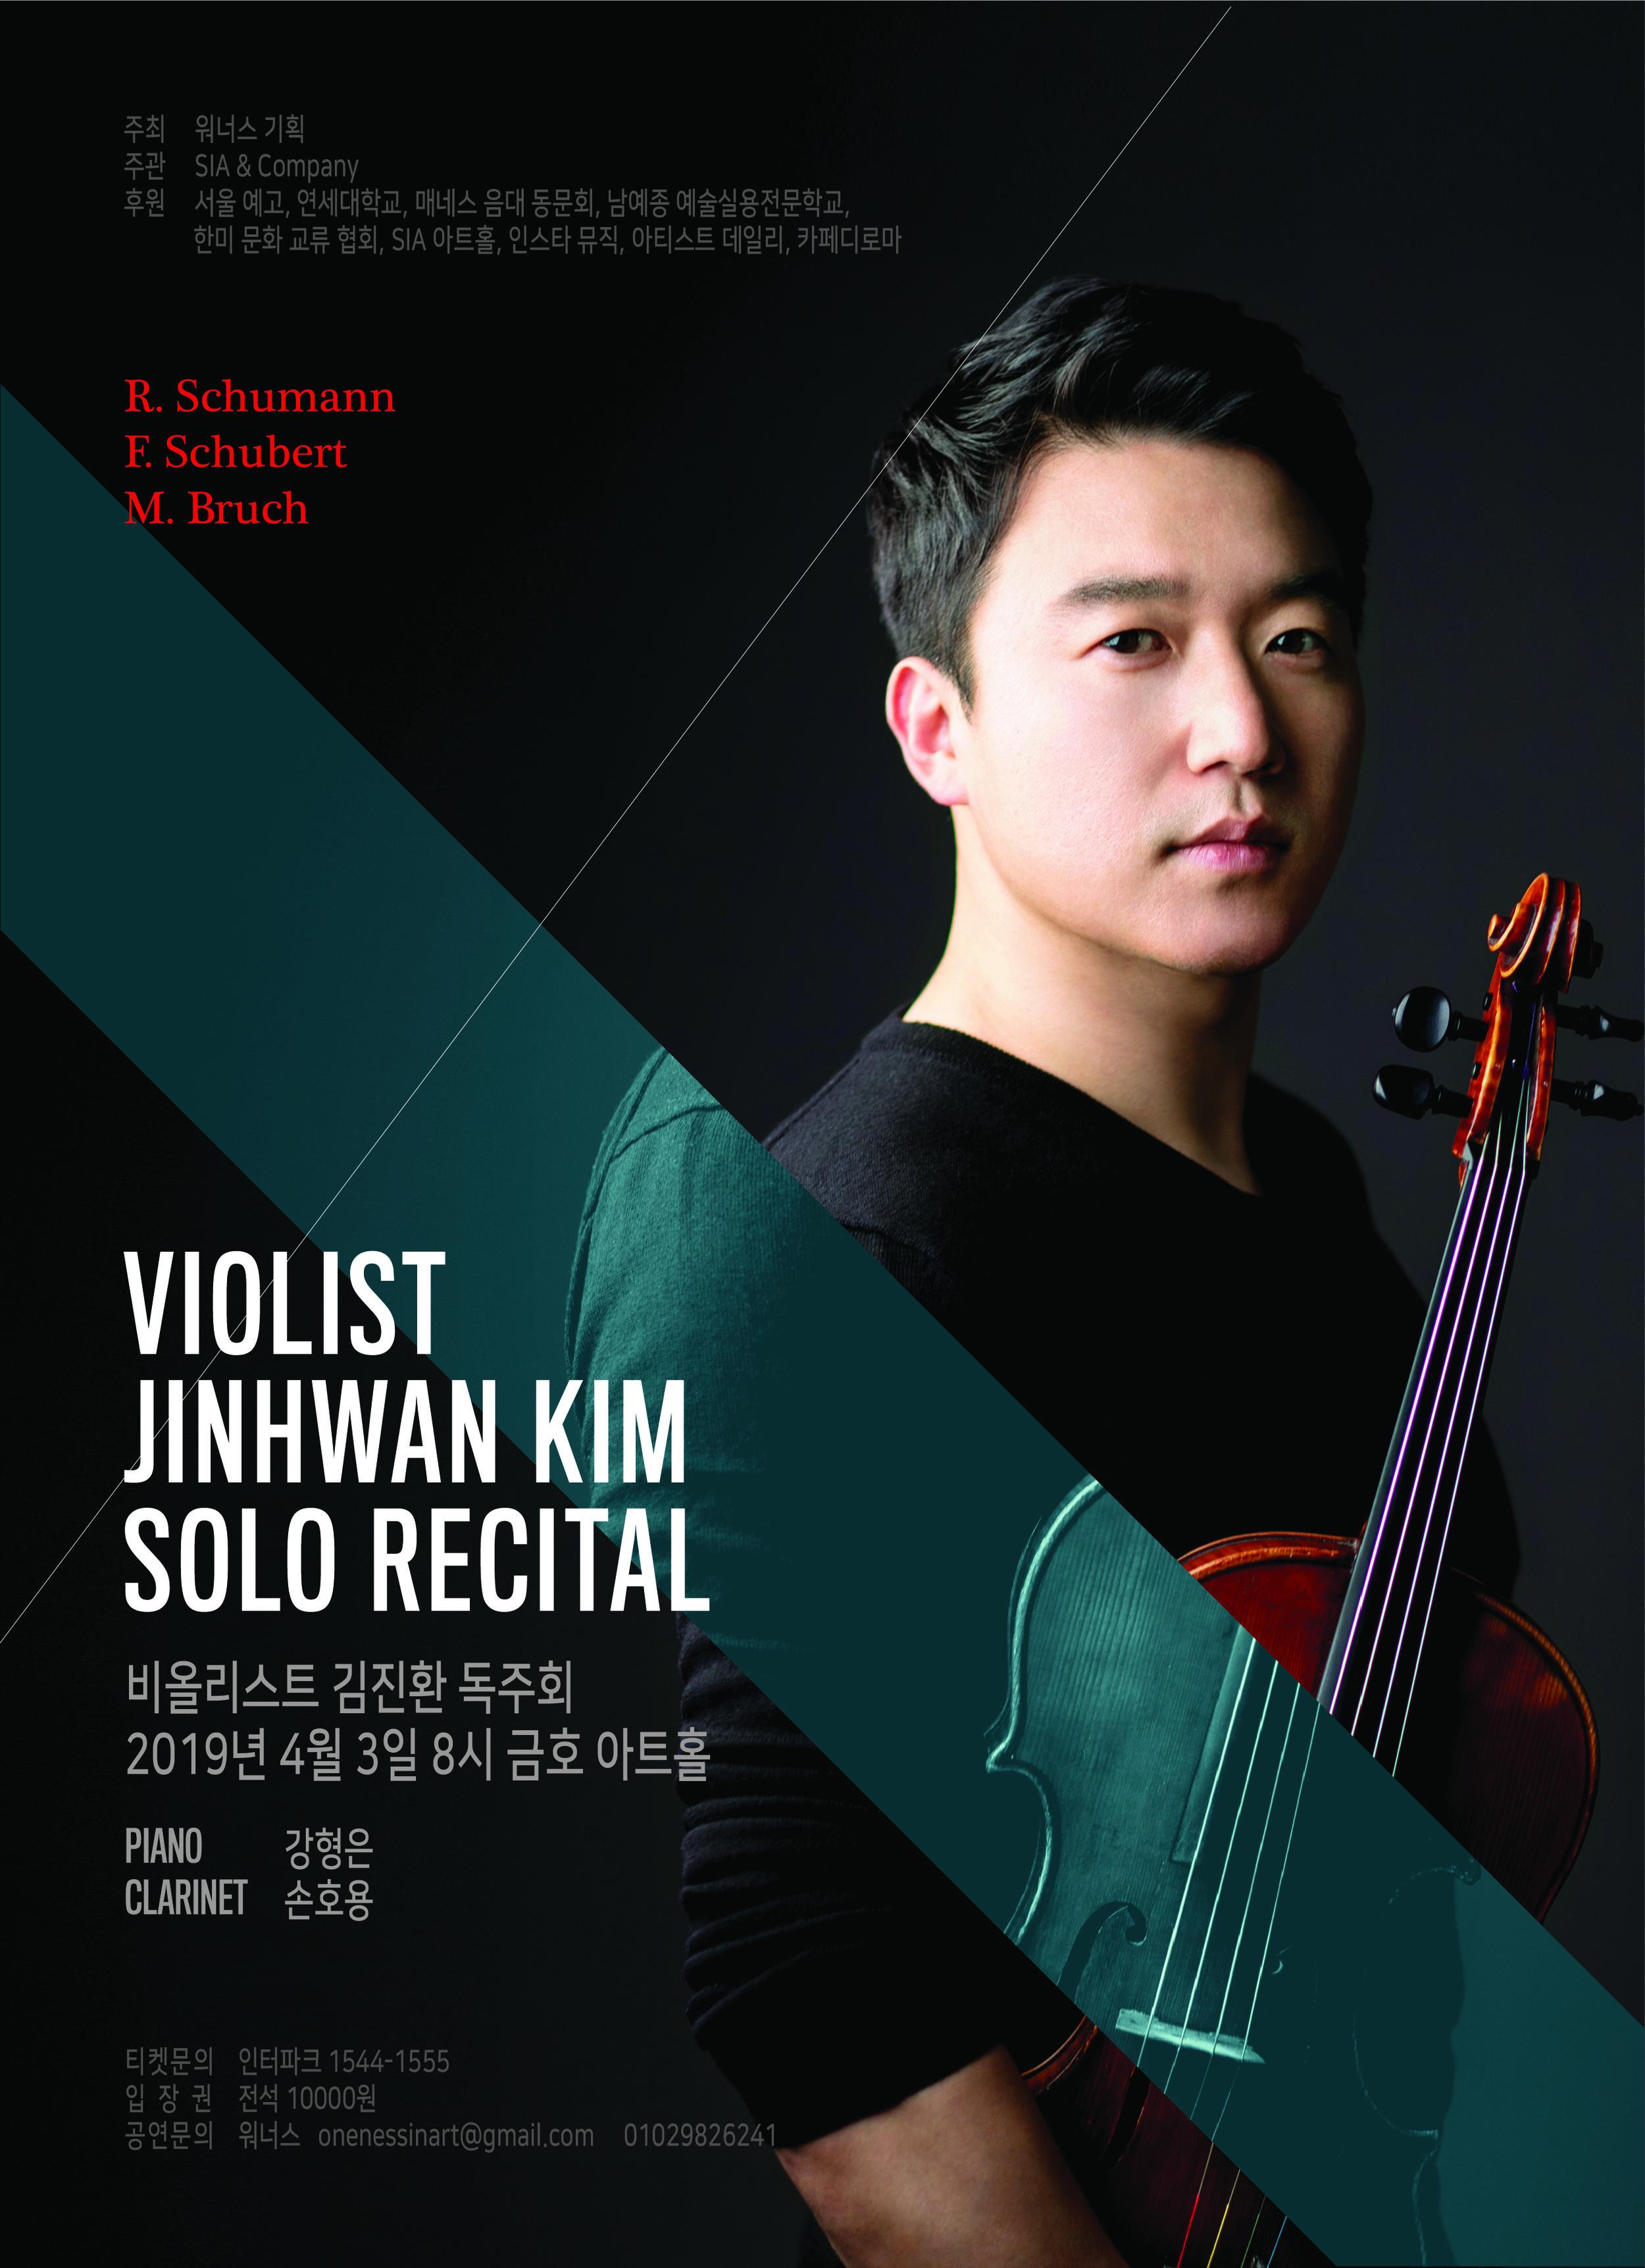 Jinhwan kim Solo recital-A4 Front@300x-100.jpg